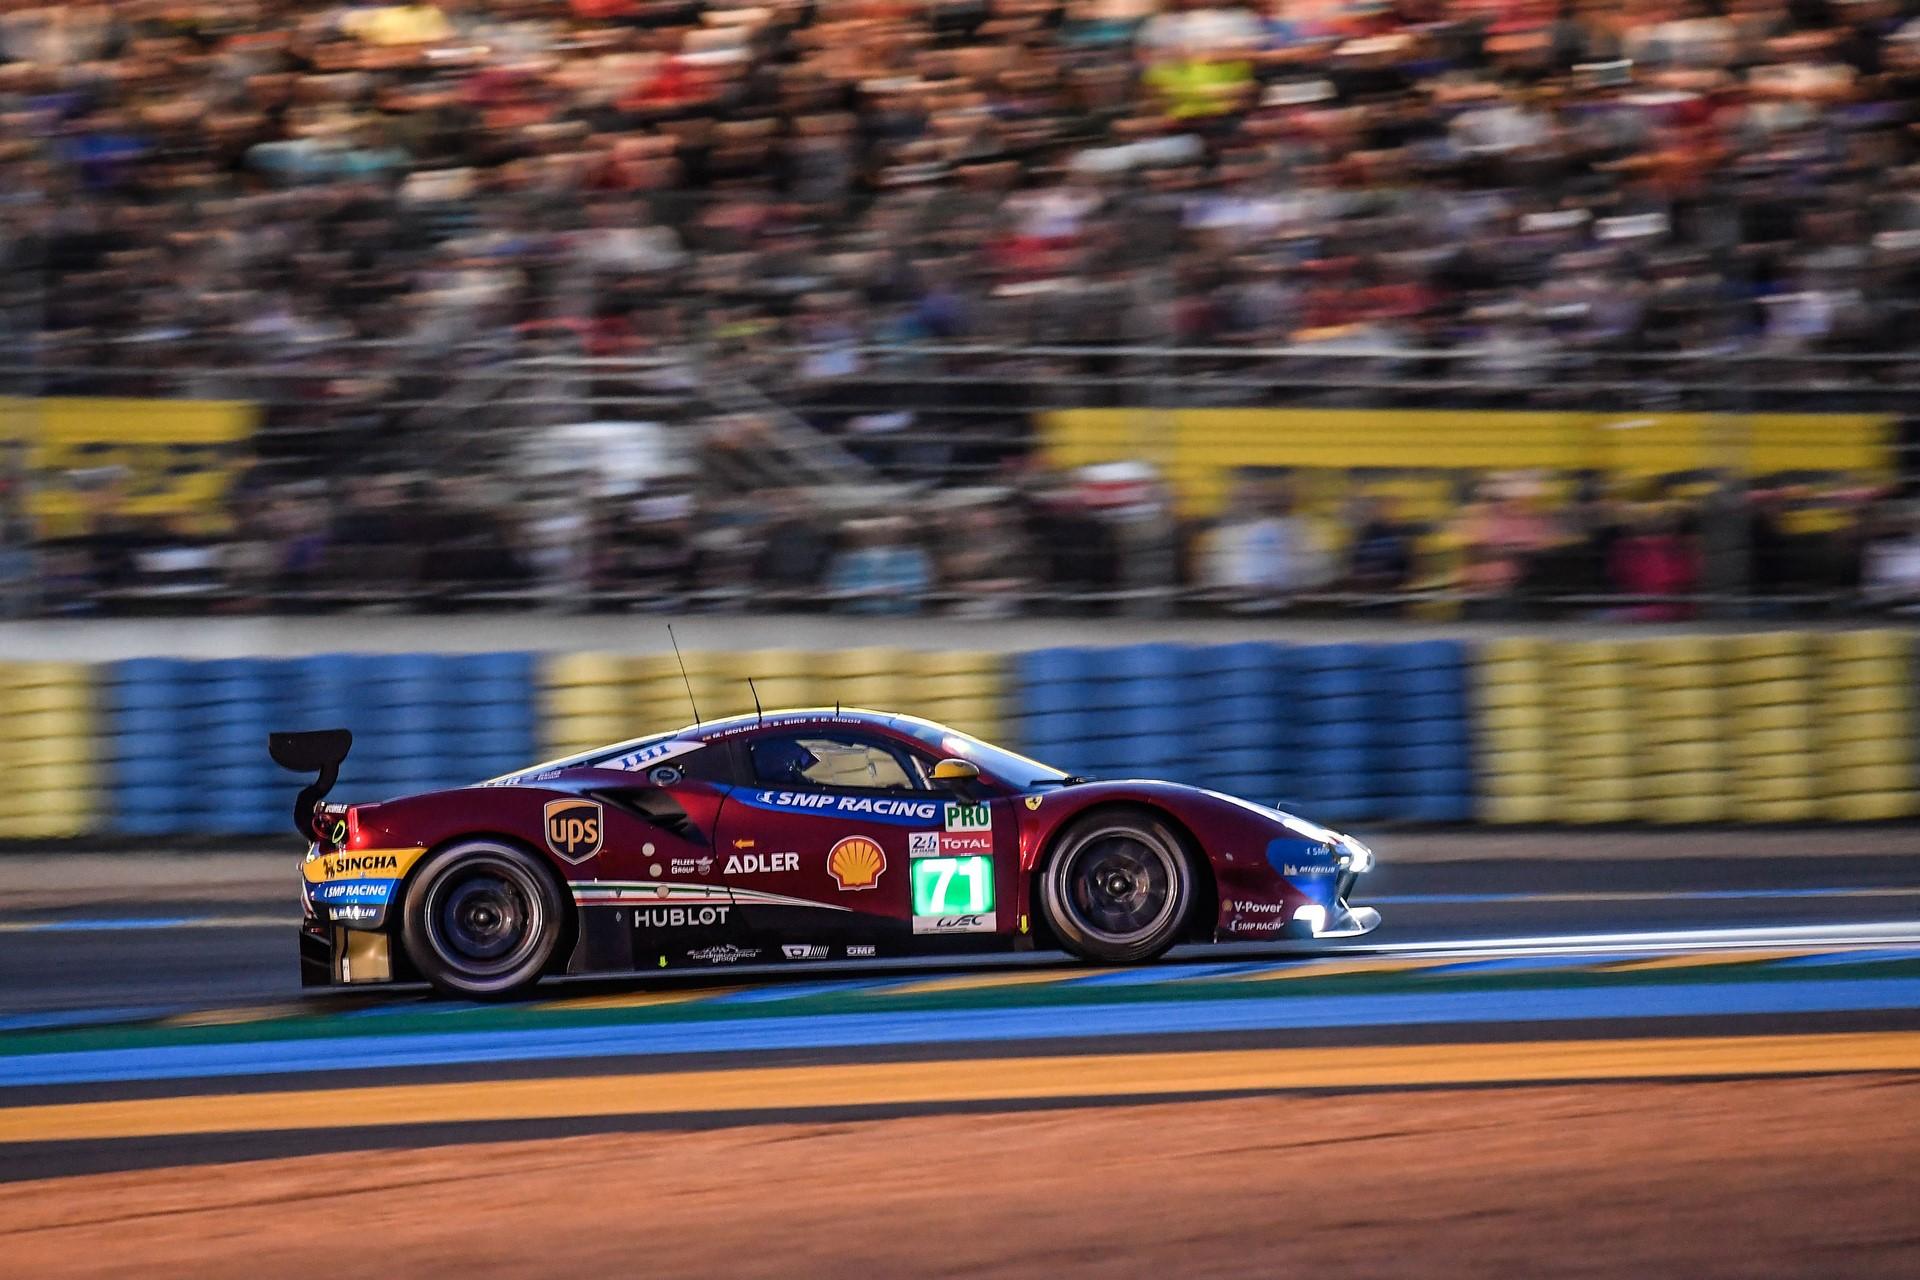 Le-Mans-2018-22